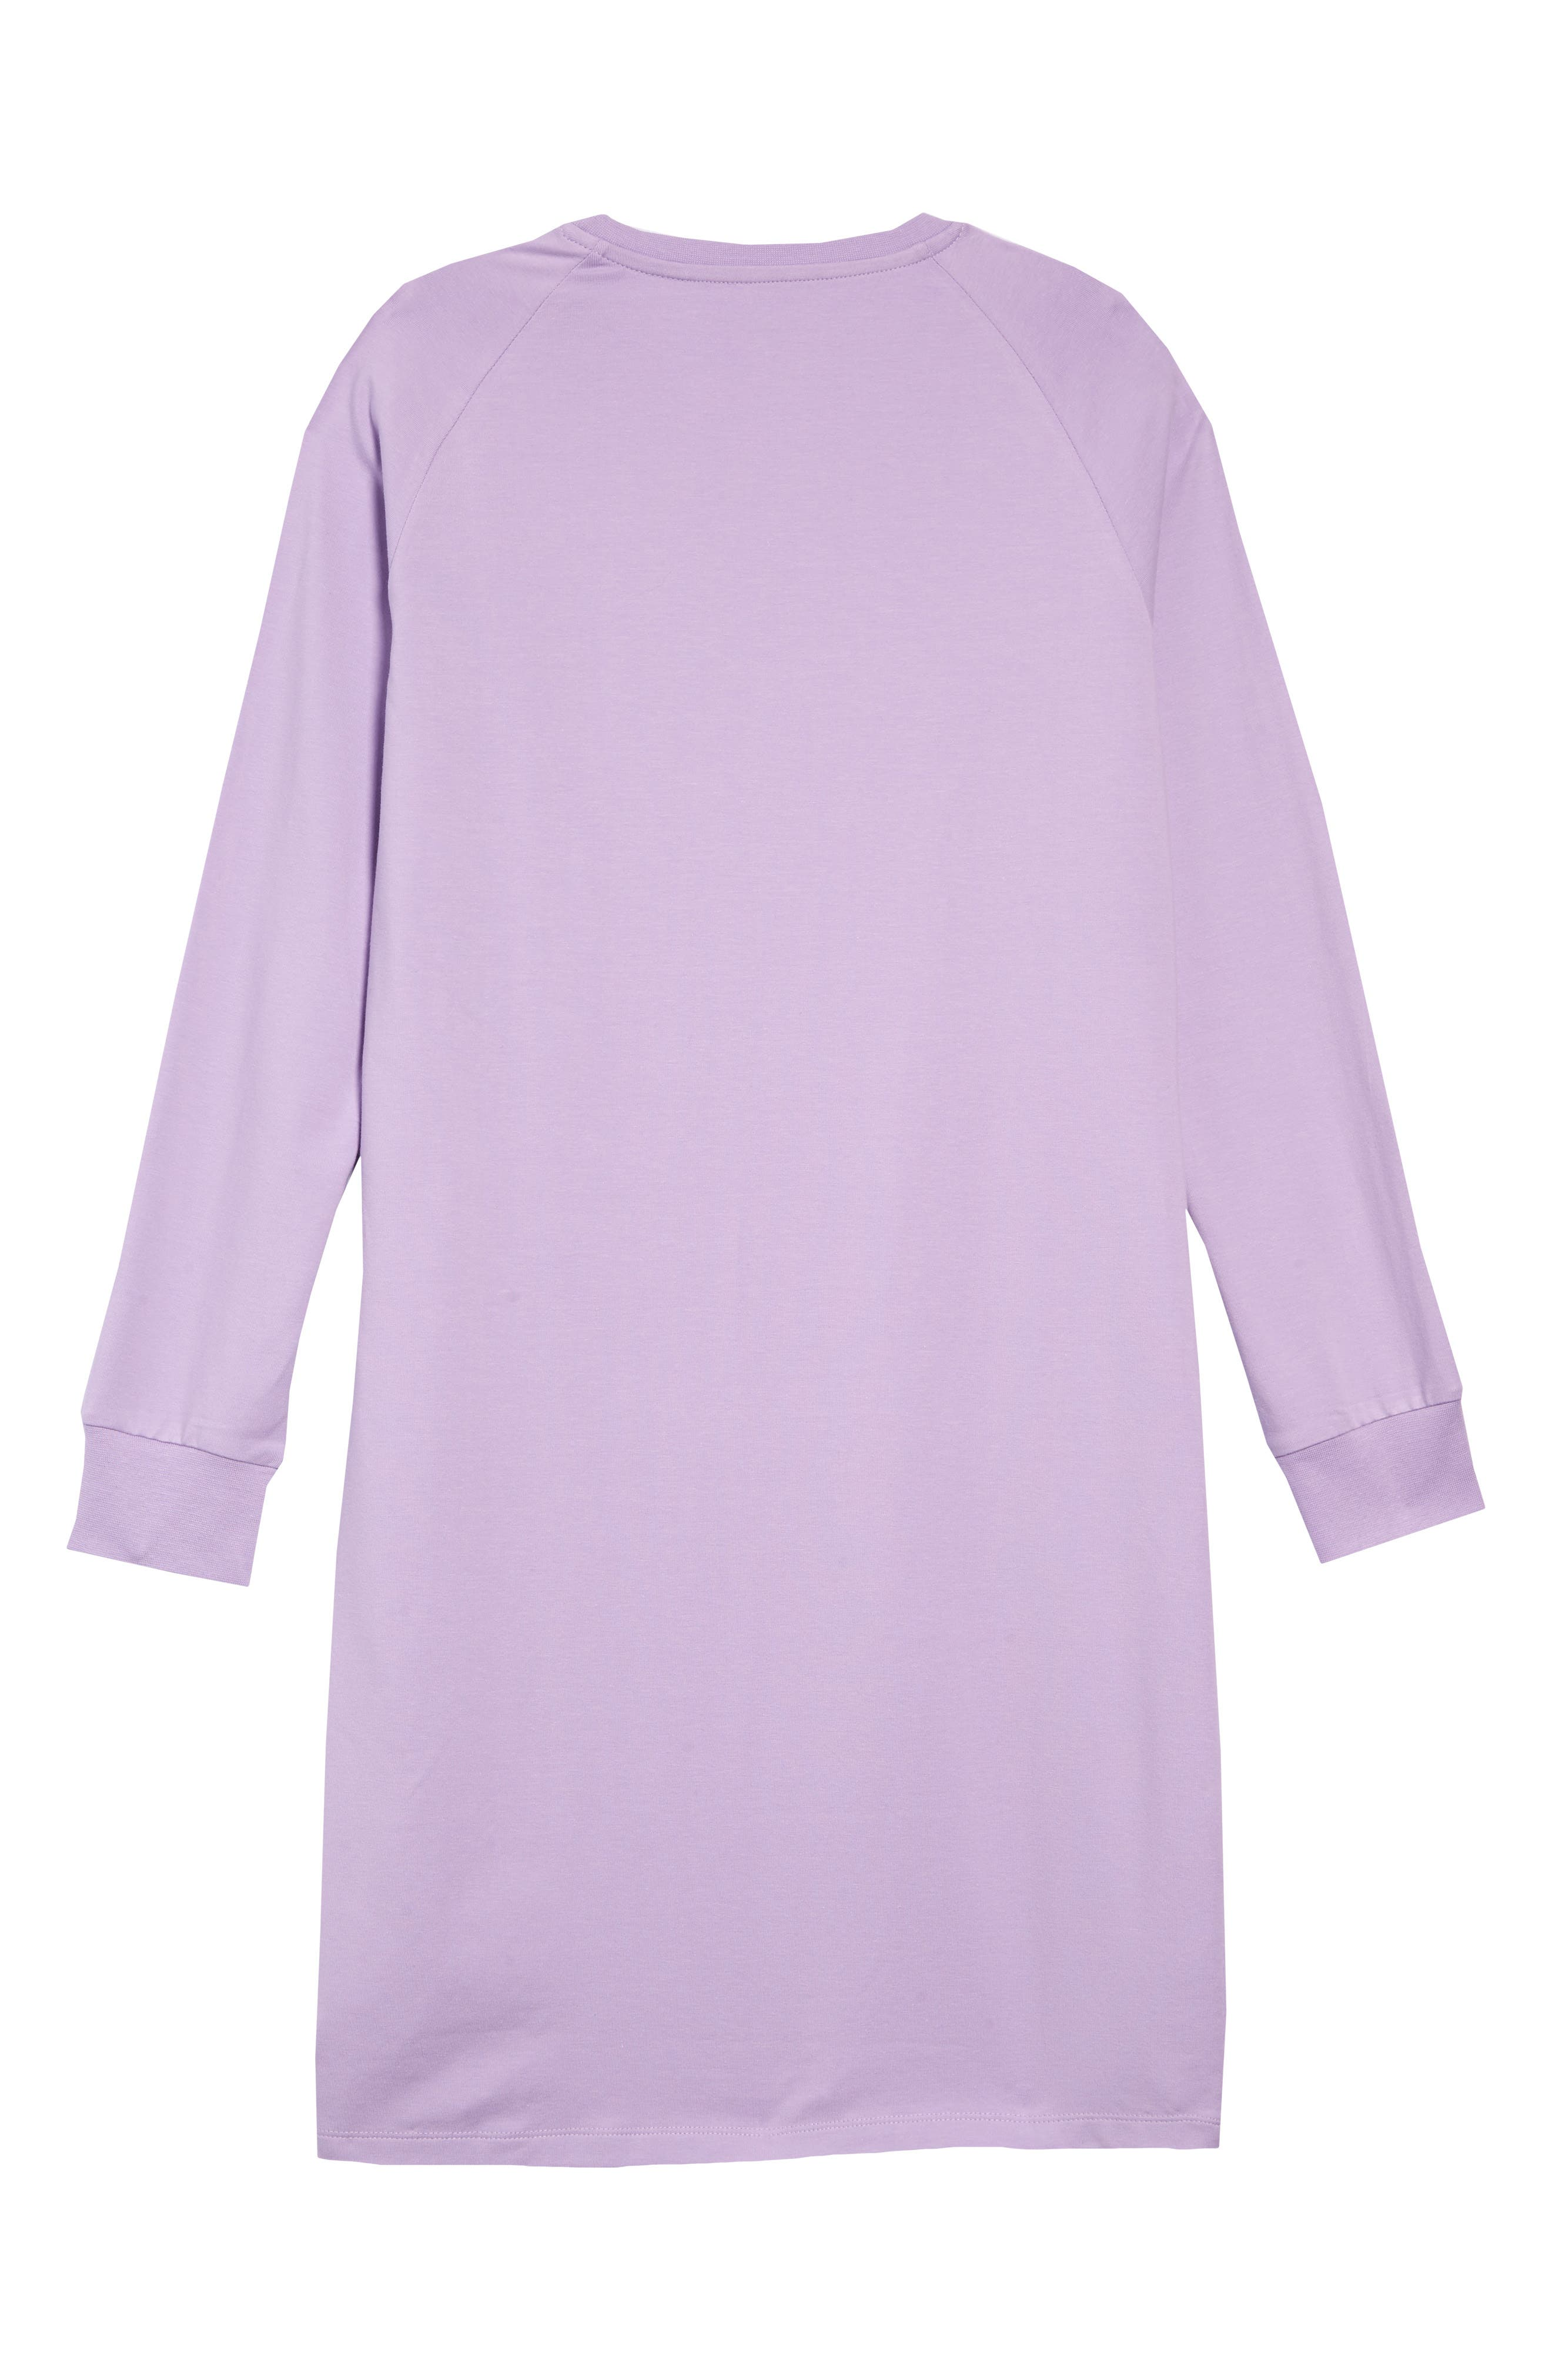 ,                             3-Stripes T-Shirt Dress,                             Alternate thumbnail 2, color,                             PURGLO/ WHITE